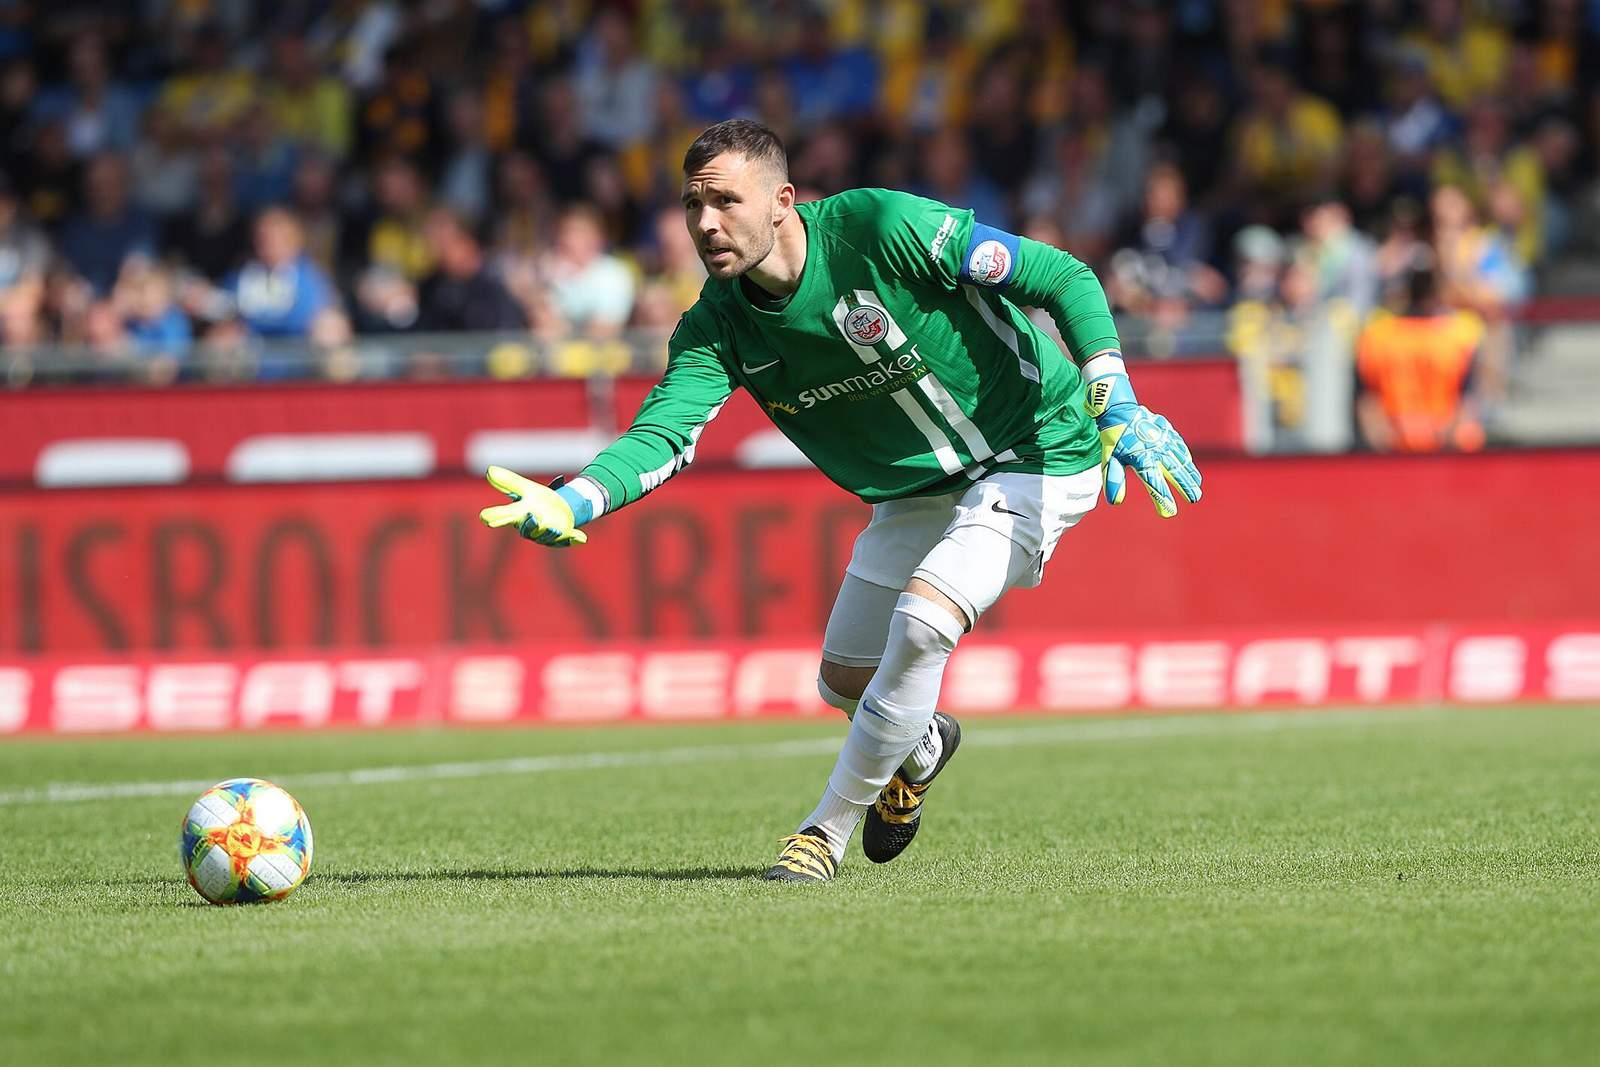 Markus Kolke im Spiel gegen Braunschweig.